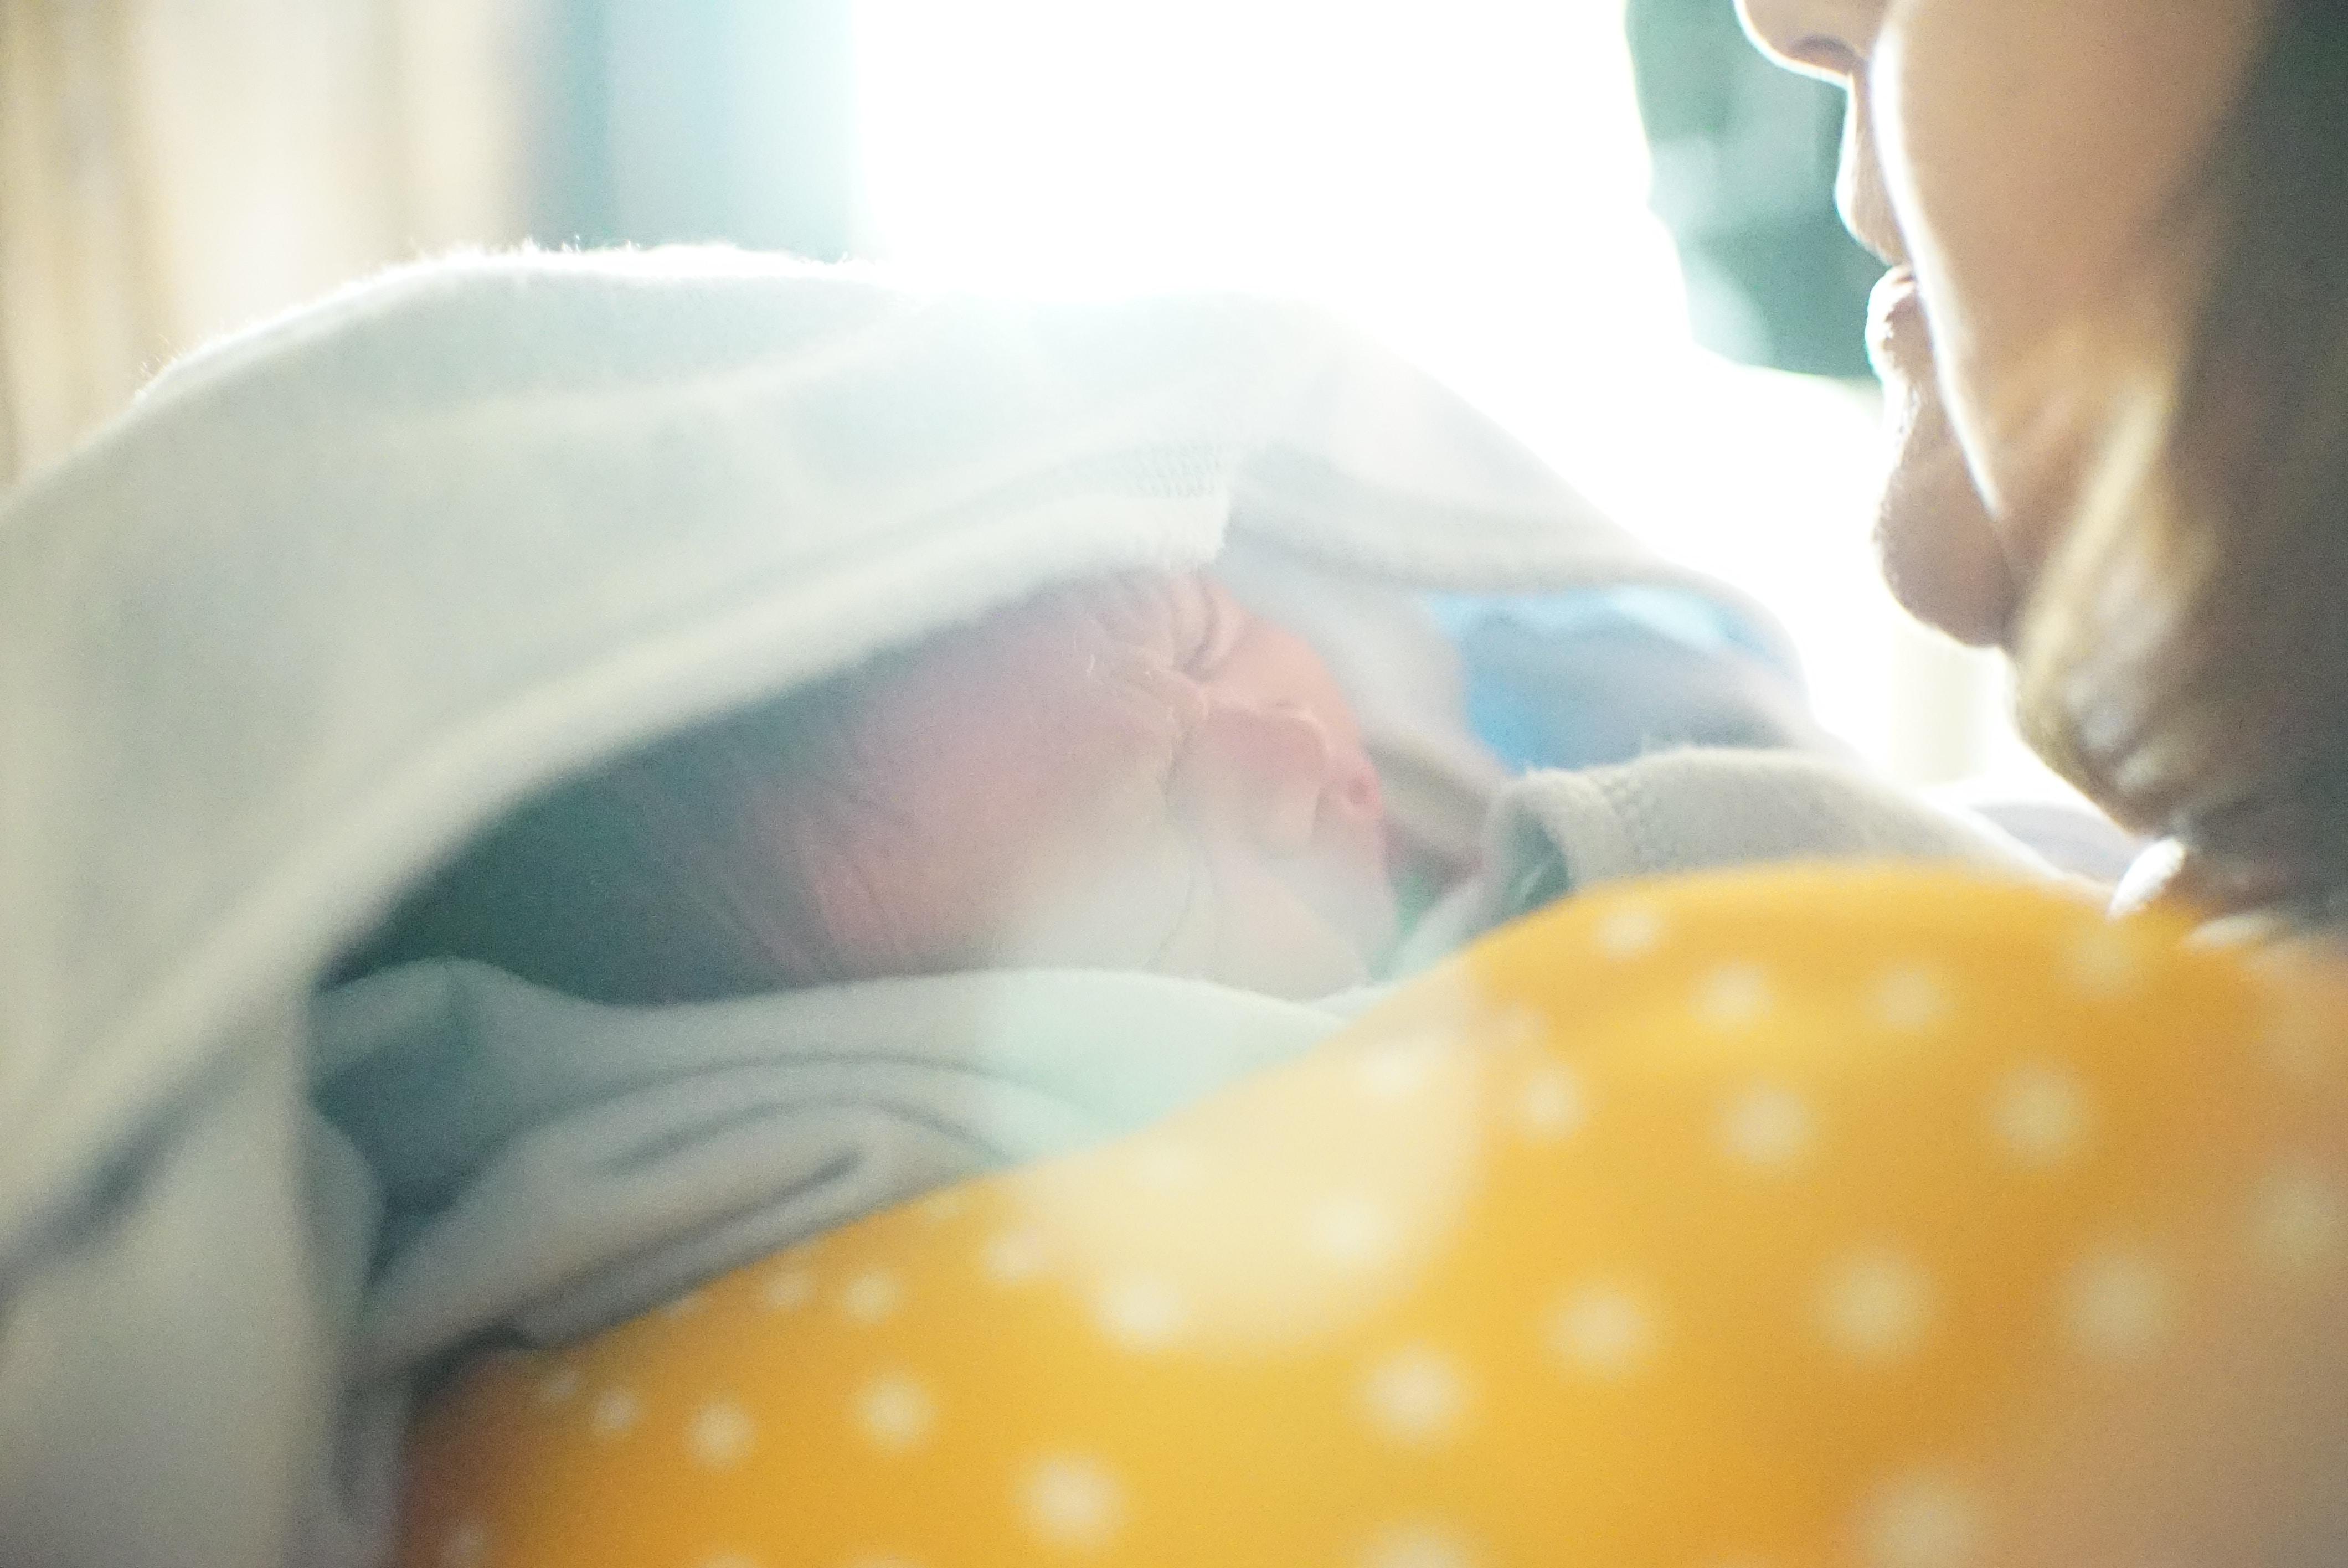 wizyta domowa fizjoterapeuty po porodzie